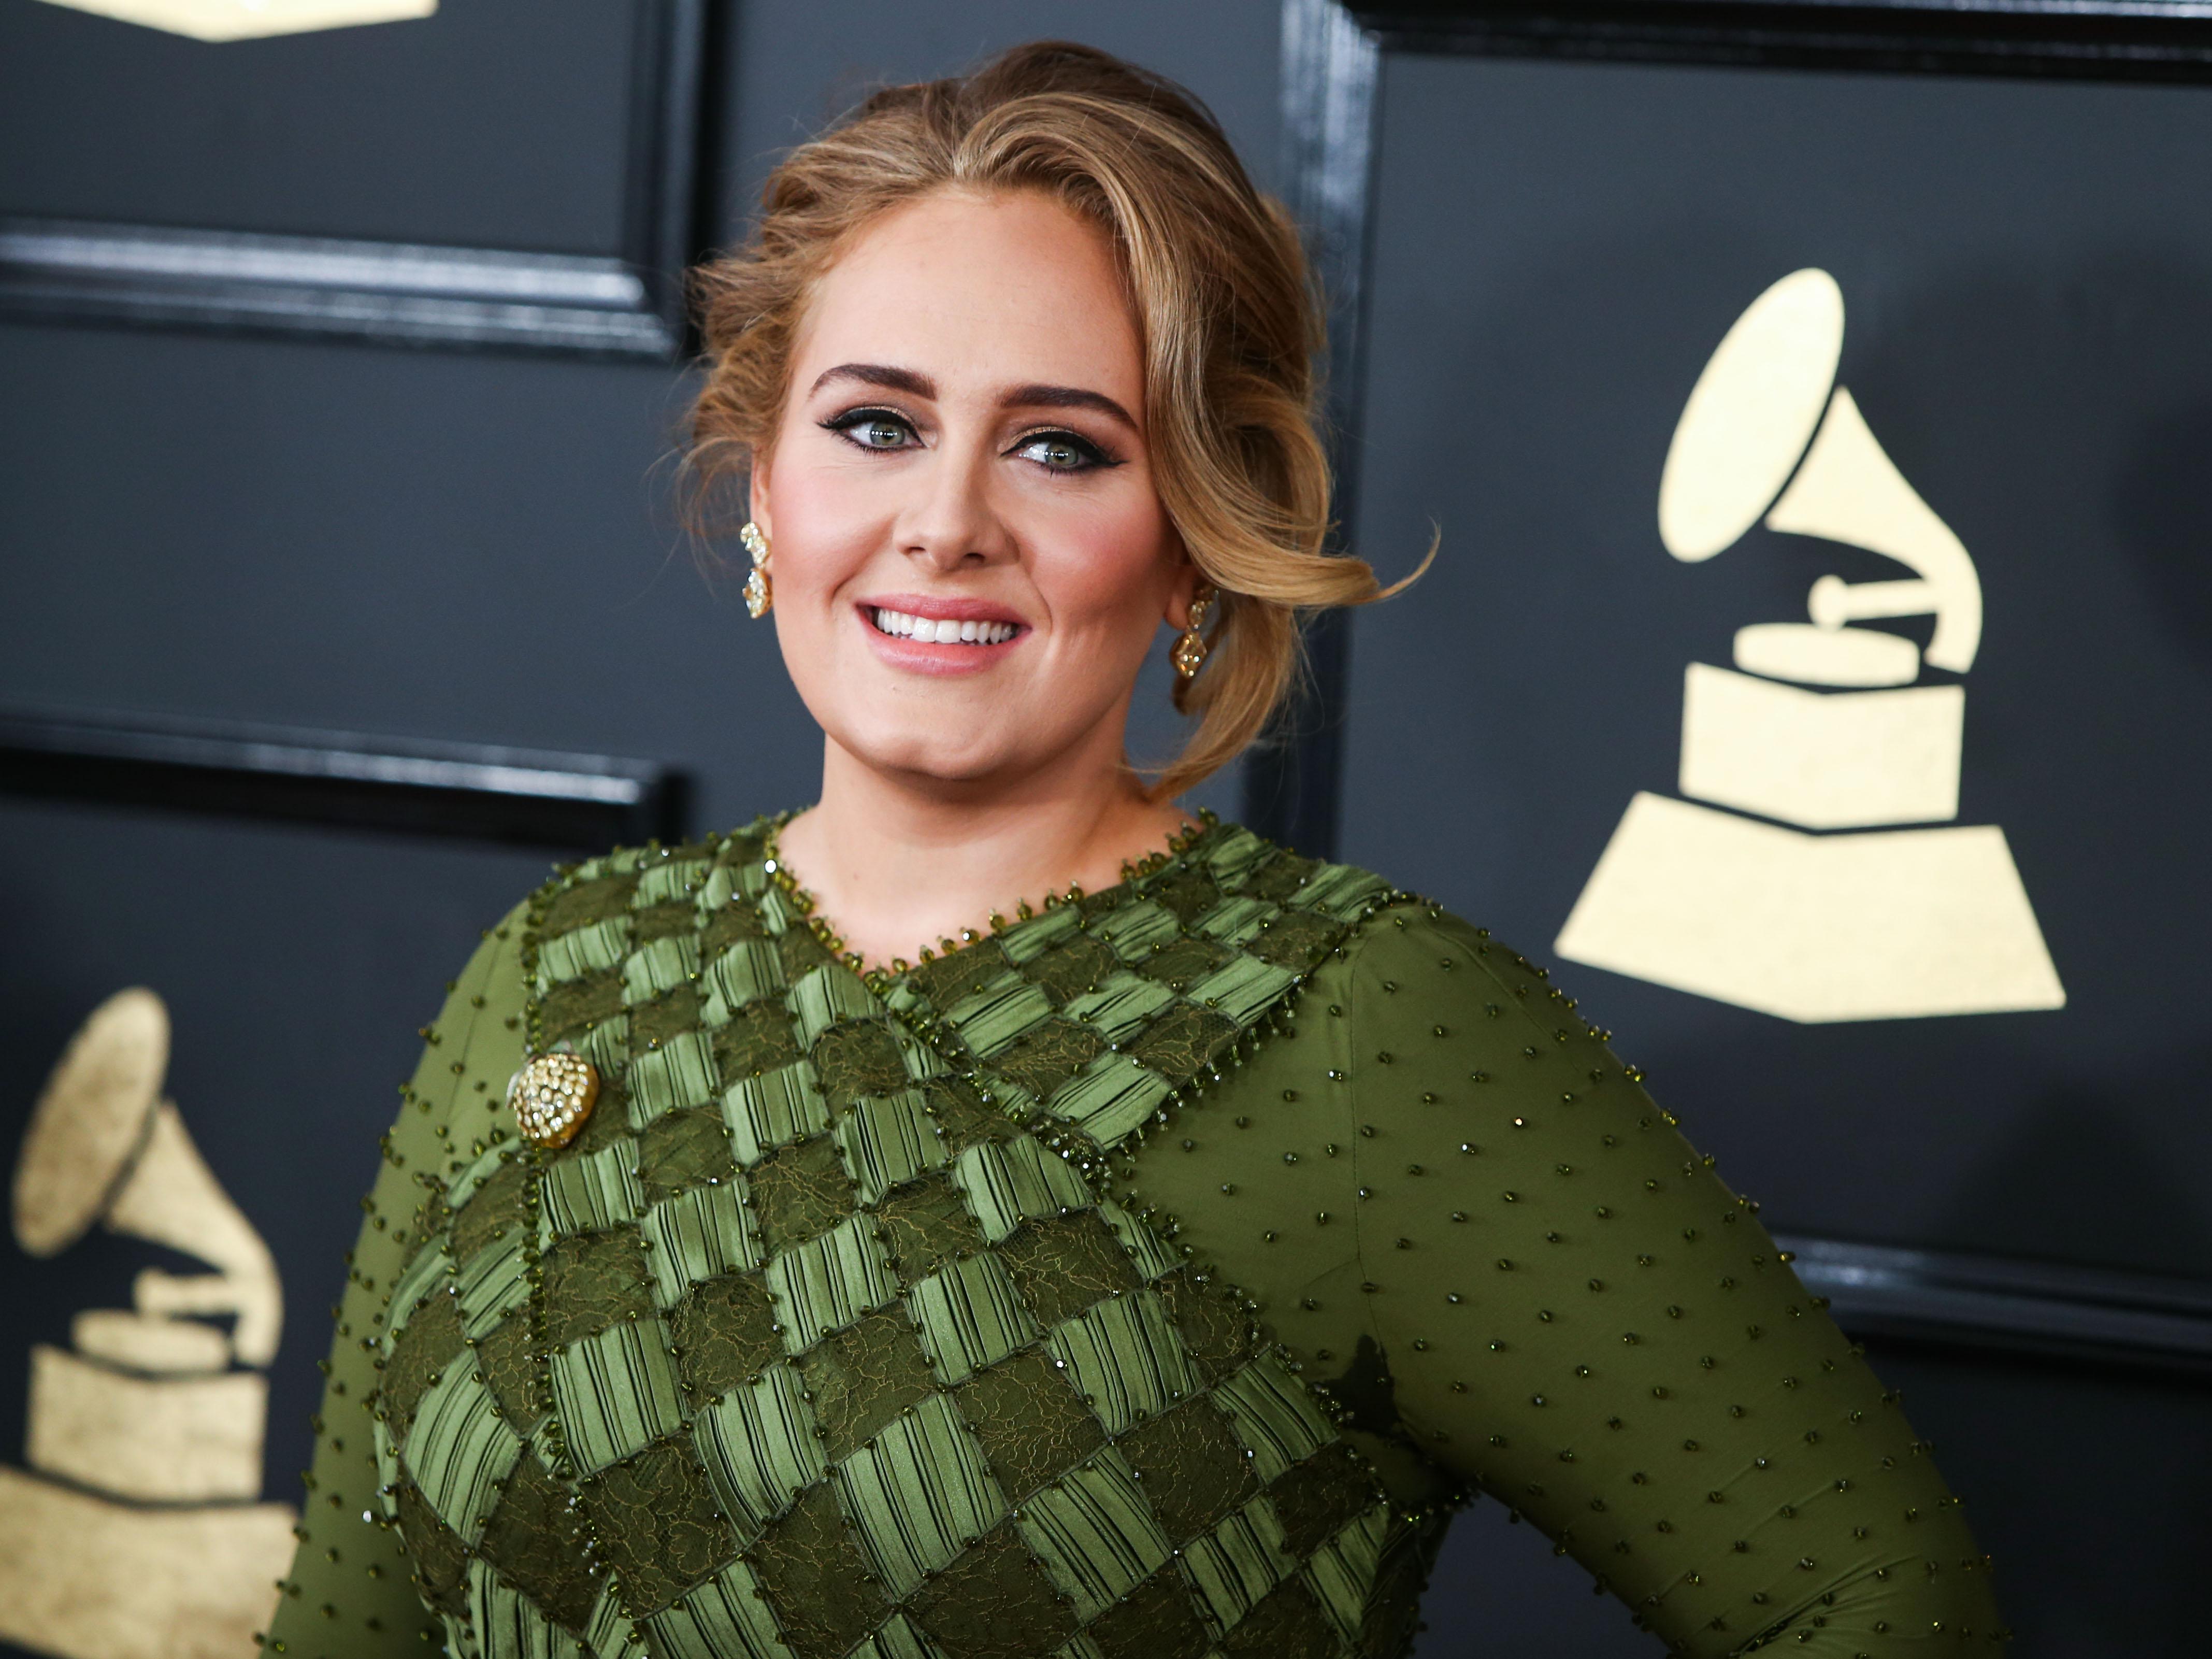 Πρέπει να τη δεις! Η σωσίας της Adele είναι ολόιδια! | tlife.gr